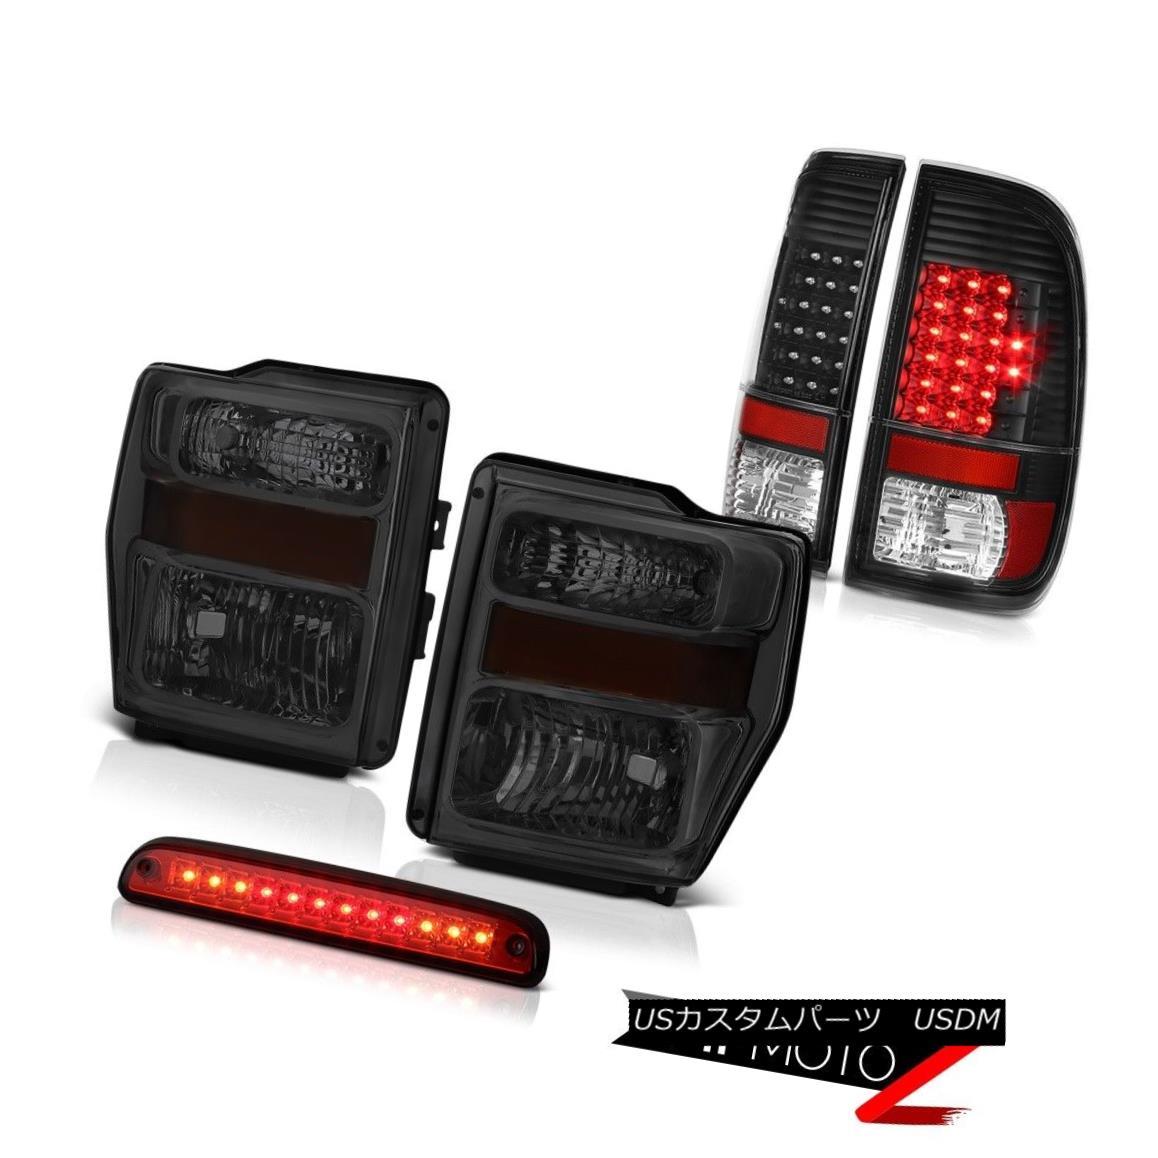 ヘッドライト 08-10 F250 Turbo Diesel Tinted Headlamps Black LED Taillights Wine Red 3rd Brake 08-10 F250 Turbo Diesel Tinted HeadlampsブラックLEDテールライトワインレッド3rdブレーキ